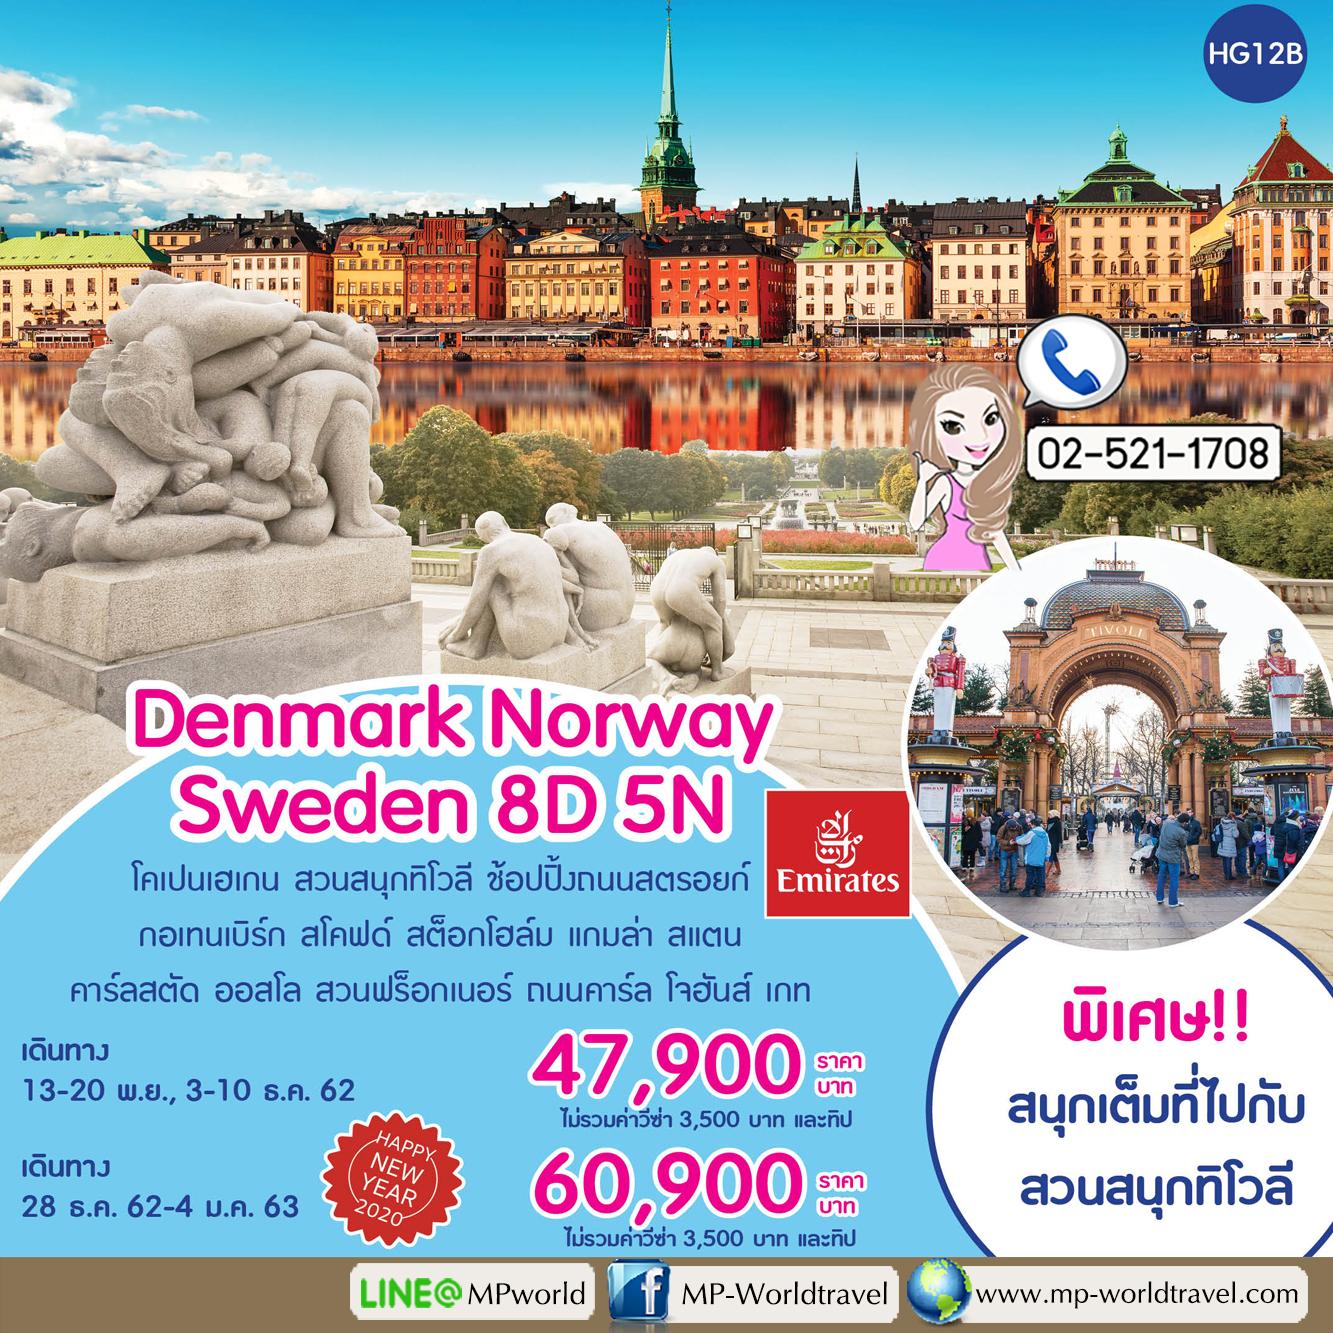 ทัวร์ยุโรป เดนมาร์ก นอร์เวย์ สวีเดน Denmark Norway Sweden